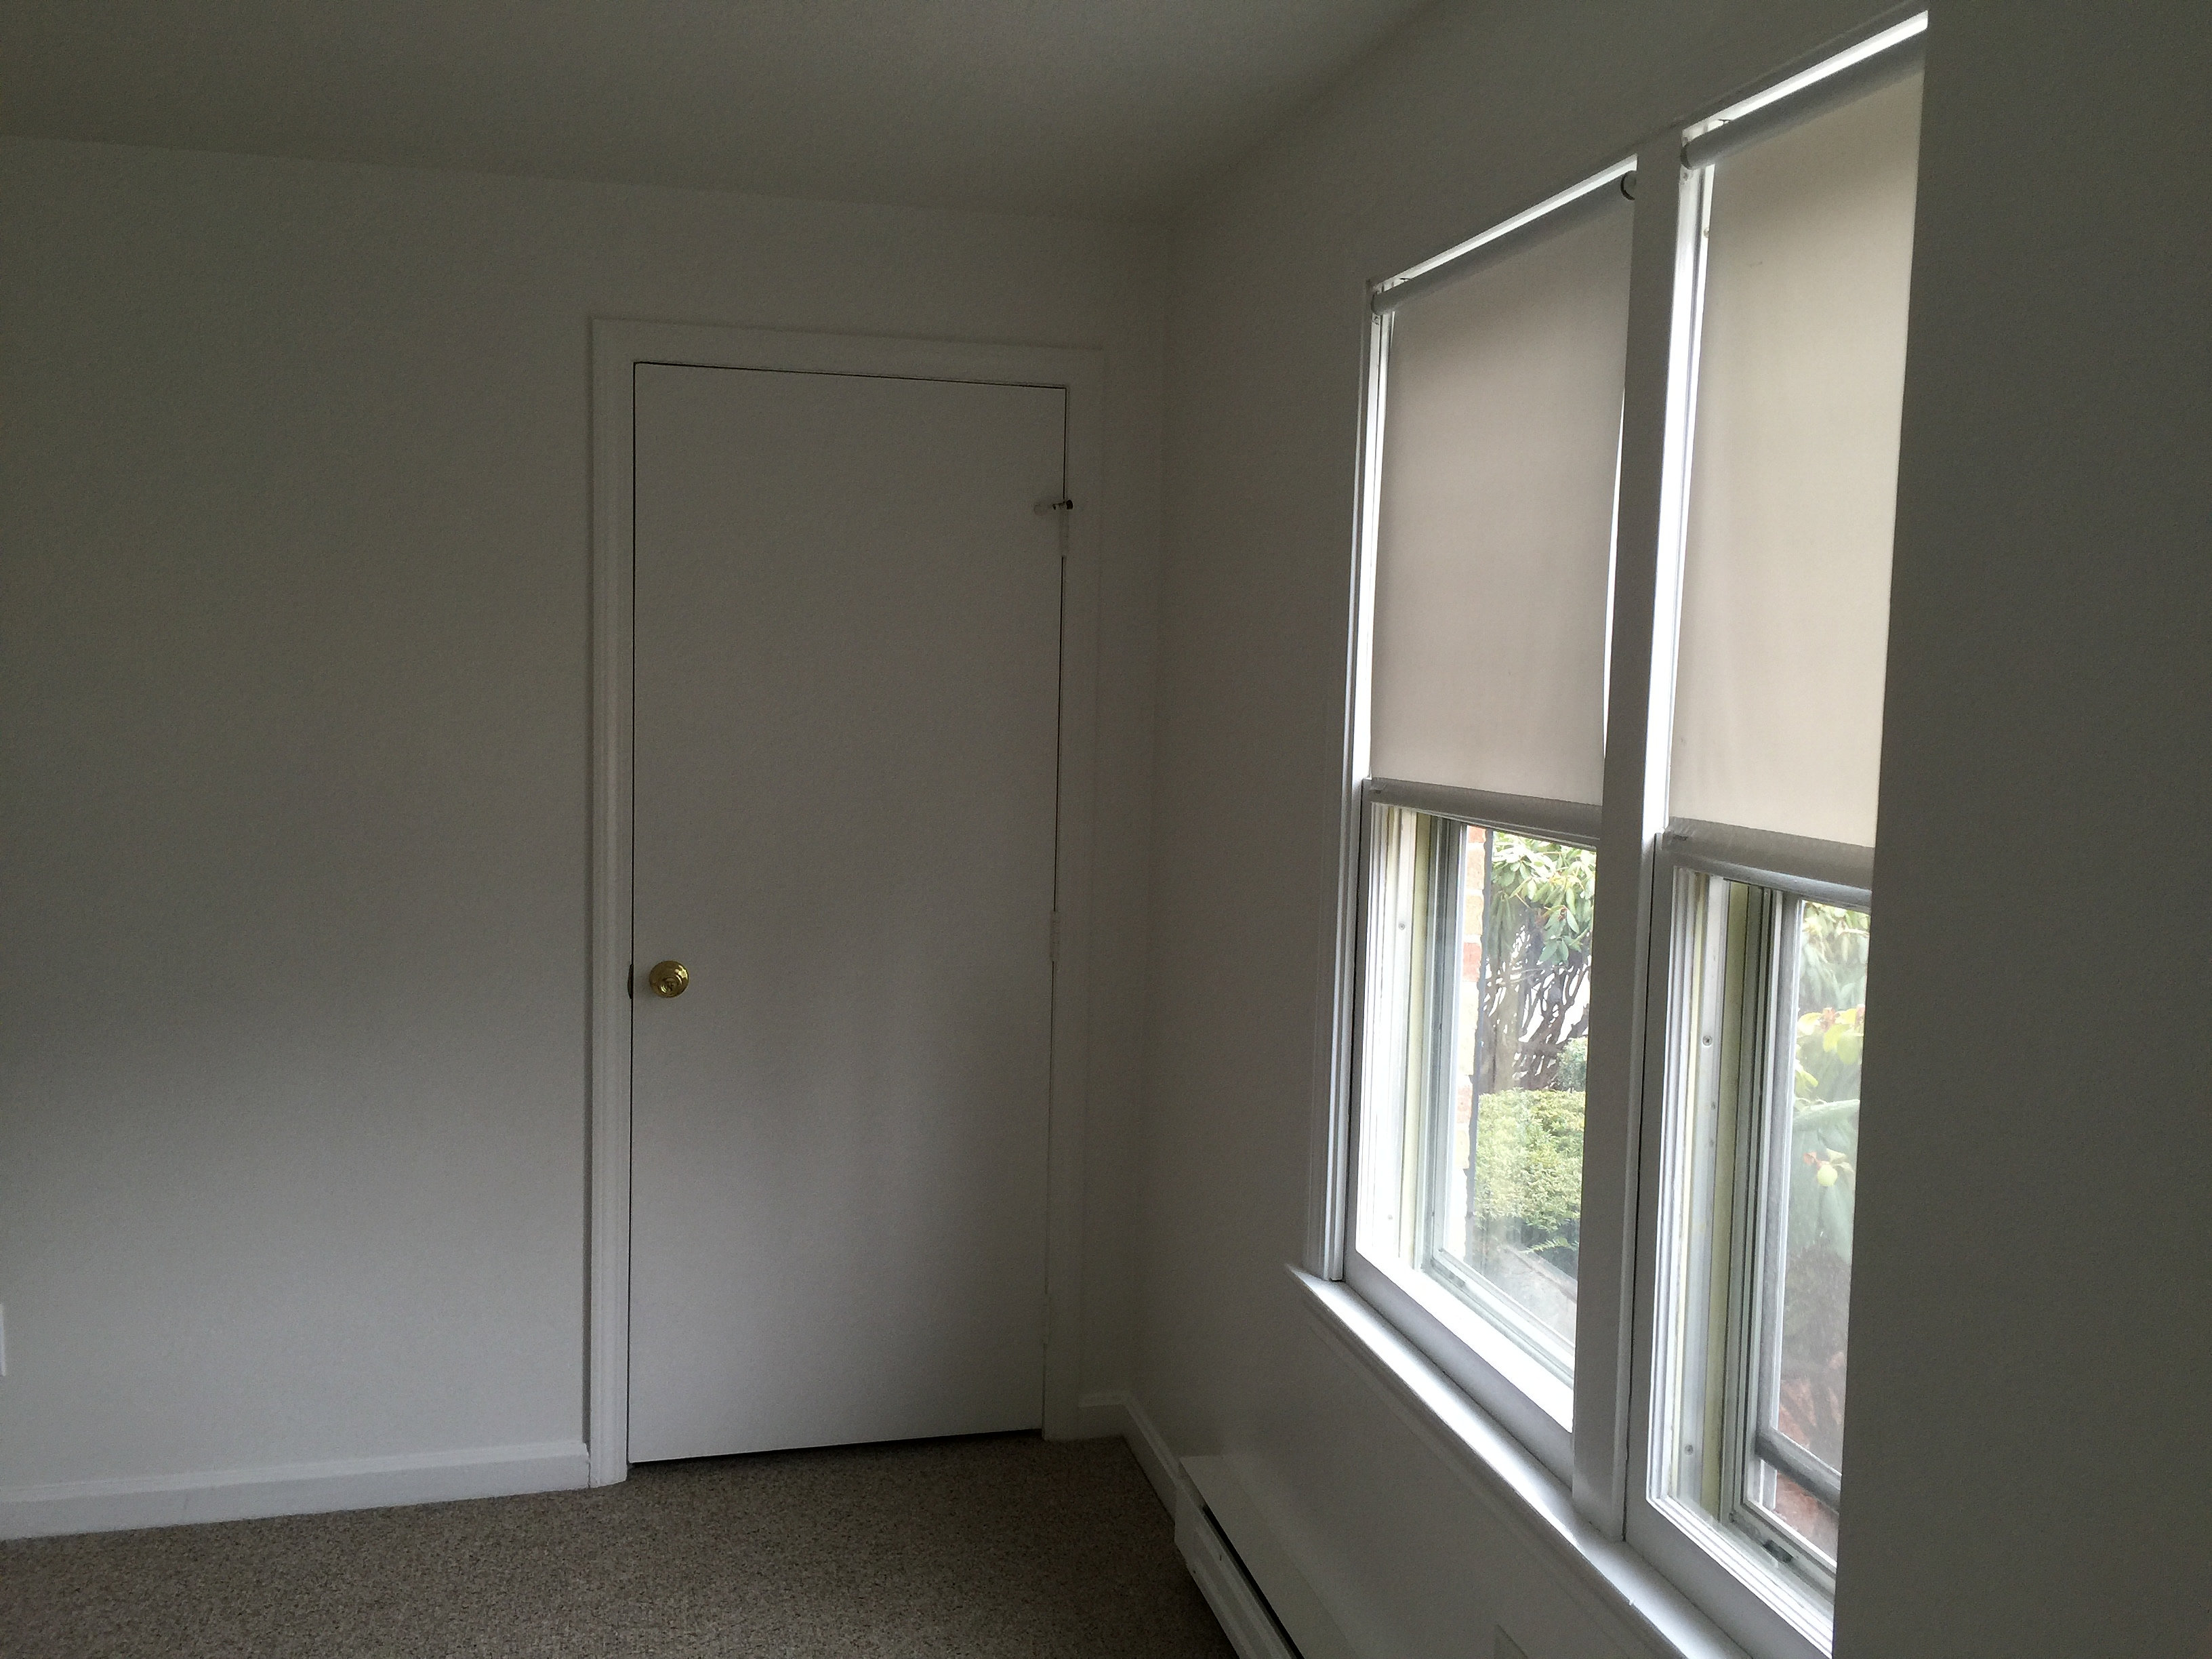 Living Room Closet Sprucemeadow Living Room Coat Closet